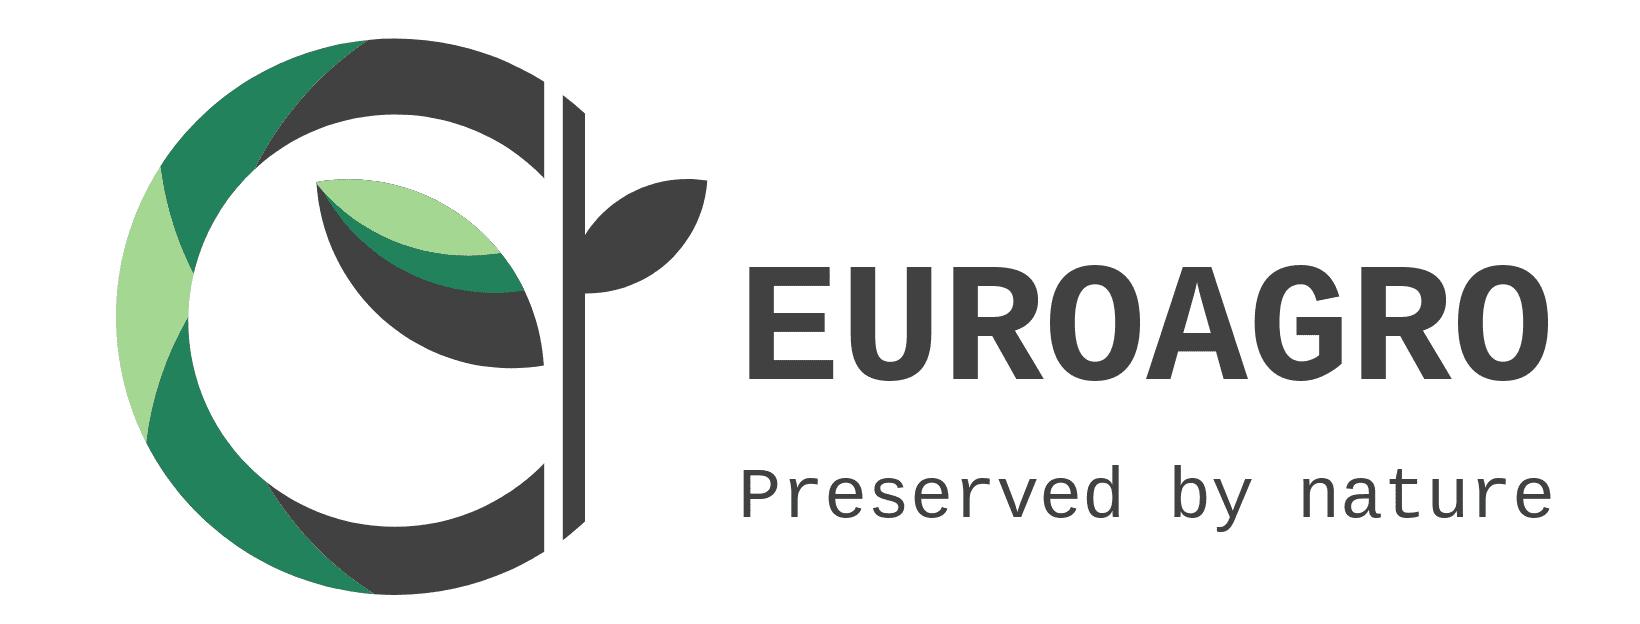 EuroAgro